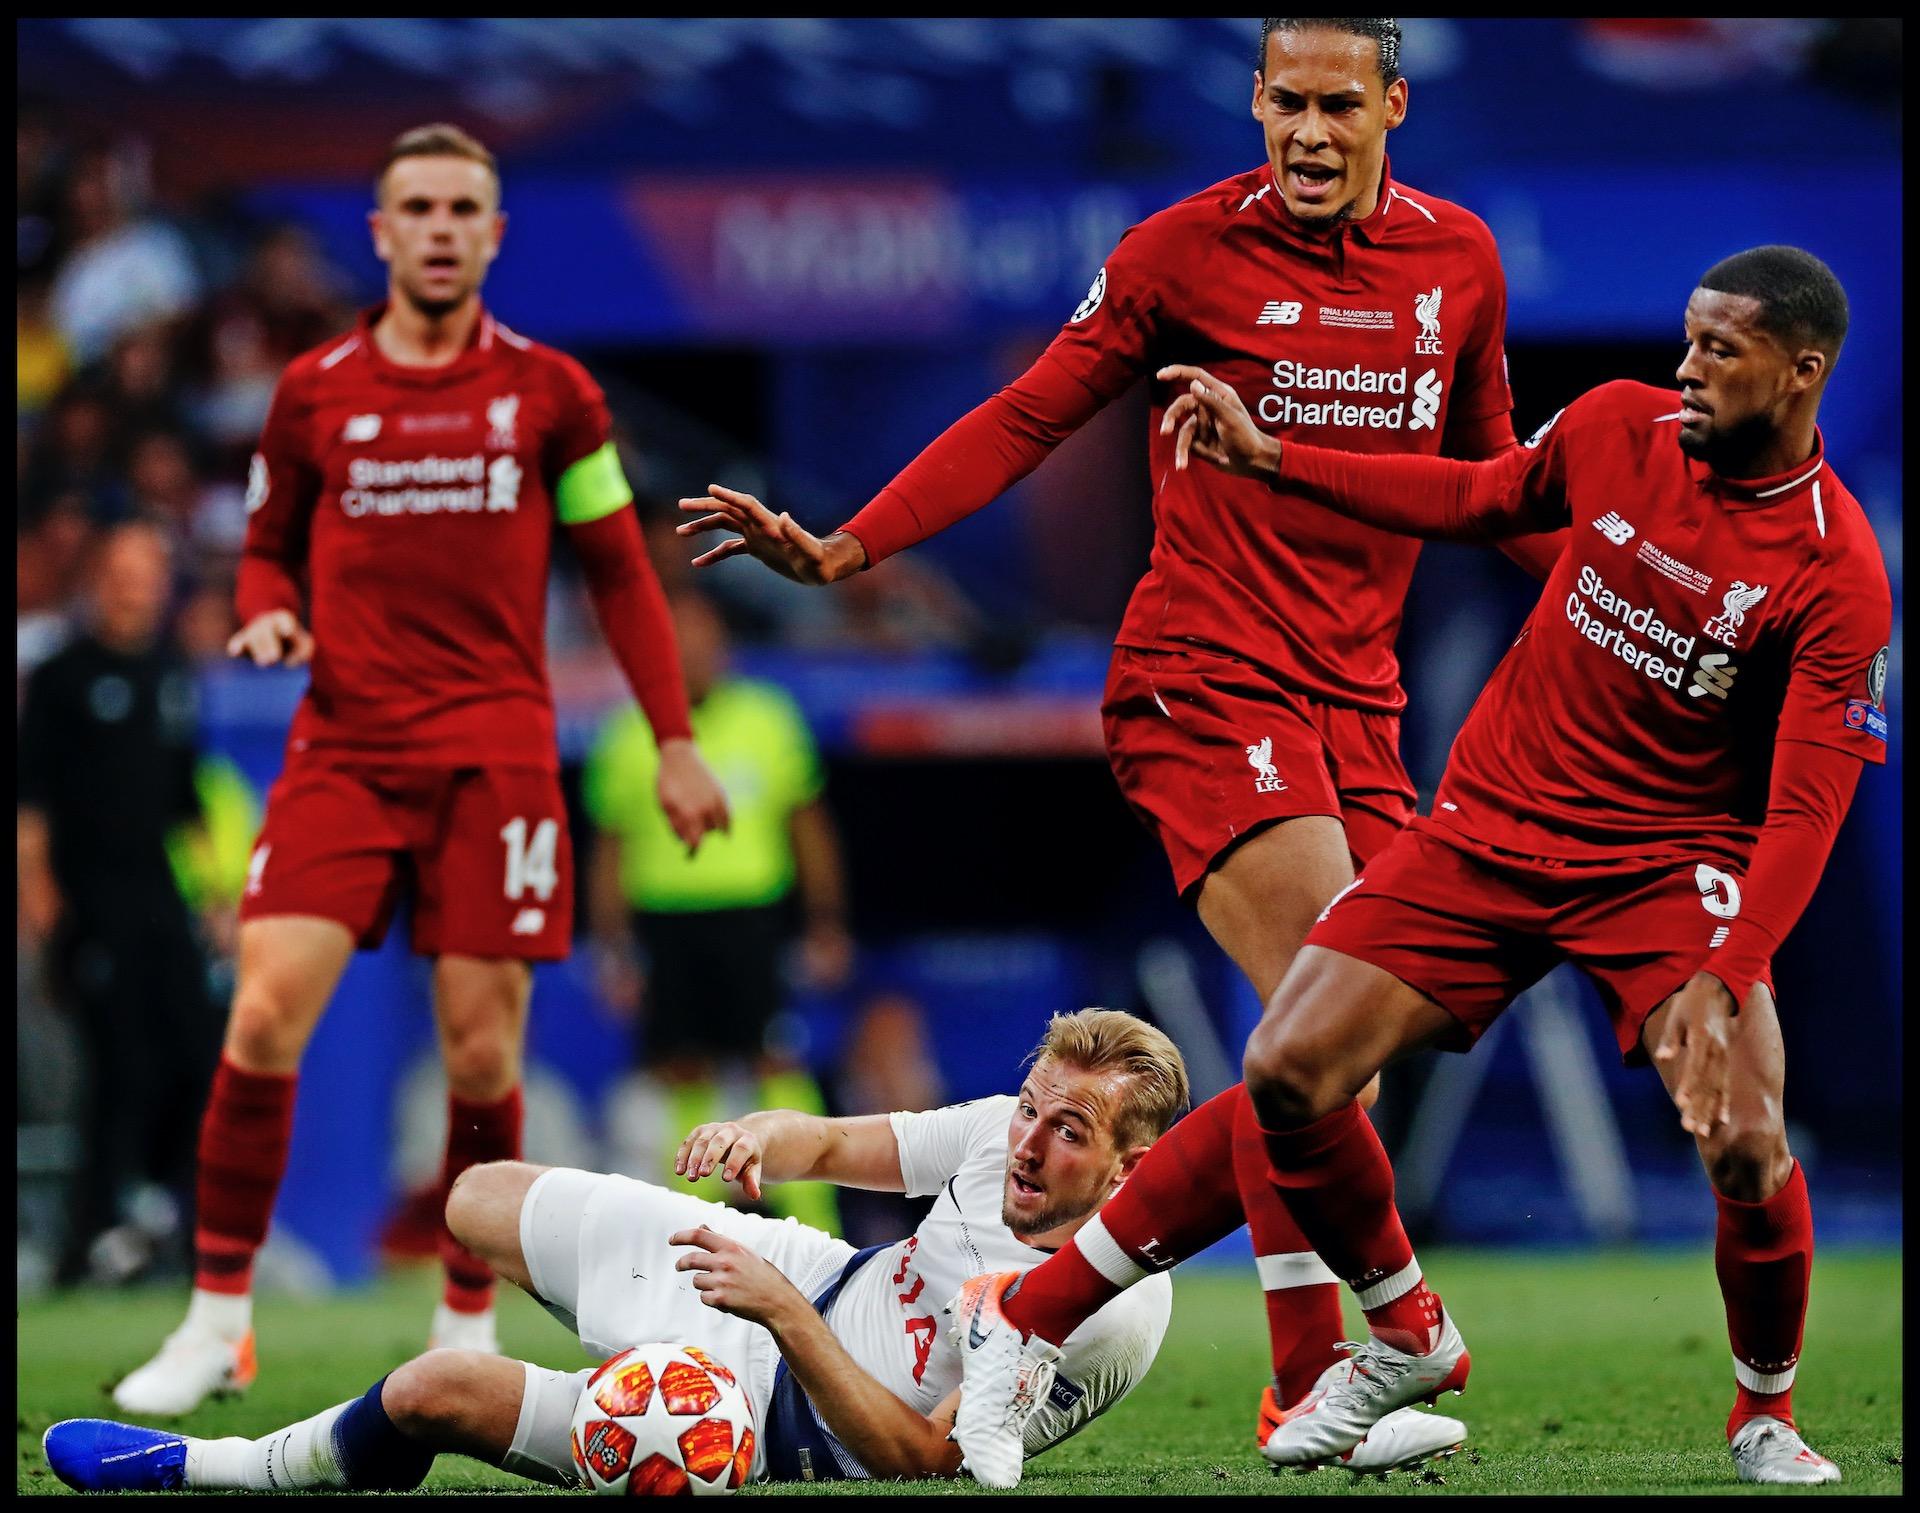 Spanje, Madrid, 02-06-2019Serie; Geen Champions League victorie zonder familie!Champions League finale Liverpool-Tottenham Hotspur.Georginio Wijnaldum en Virgil van Dijk schakelen in de gezamenlijkheid Tottenham Hotspur spits Harry Kane uit.